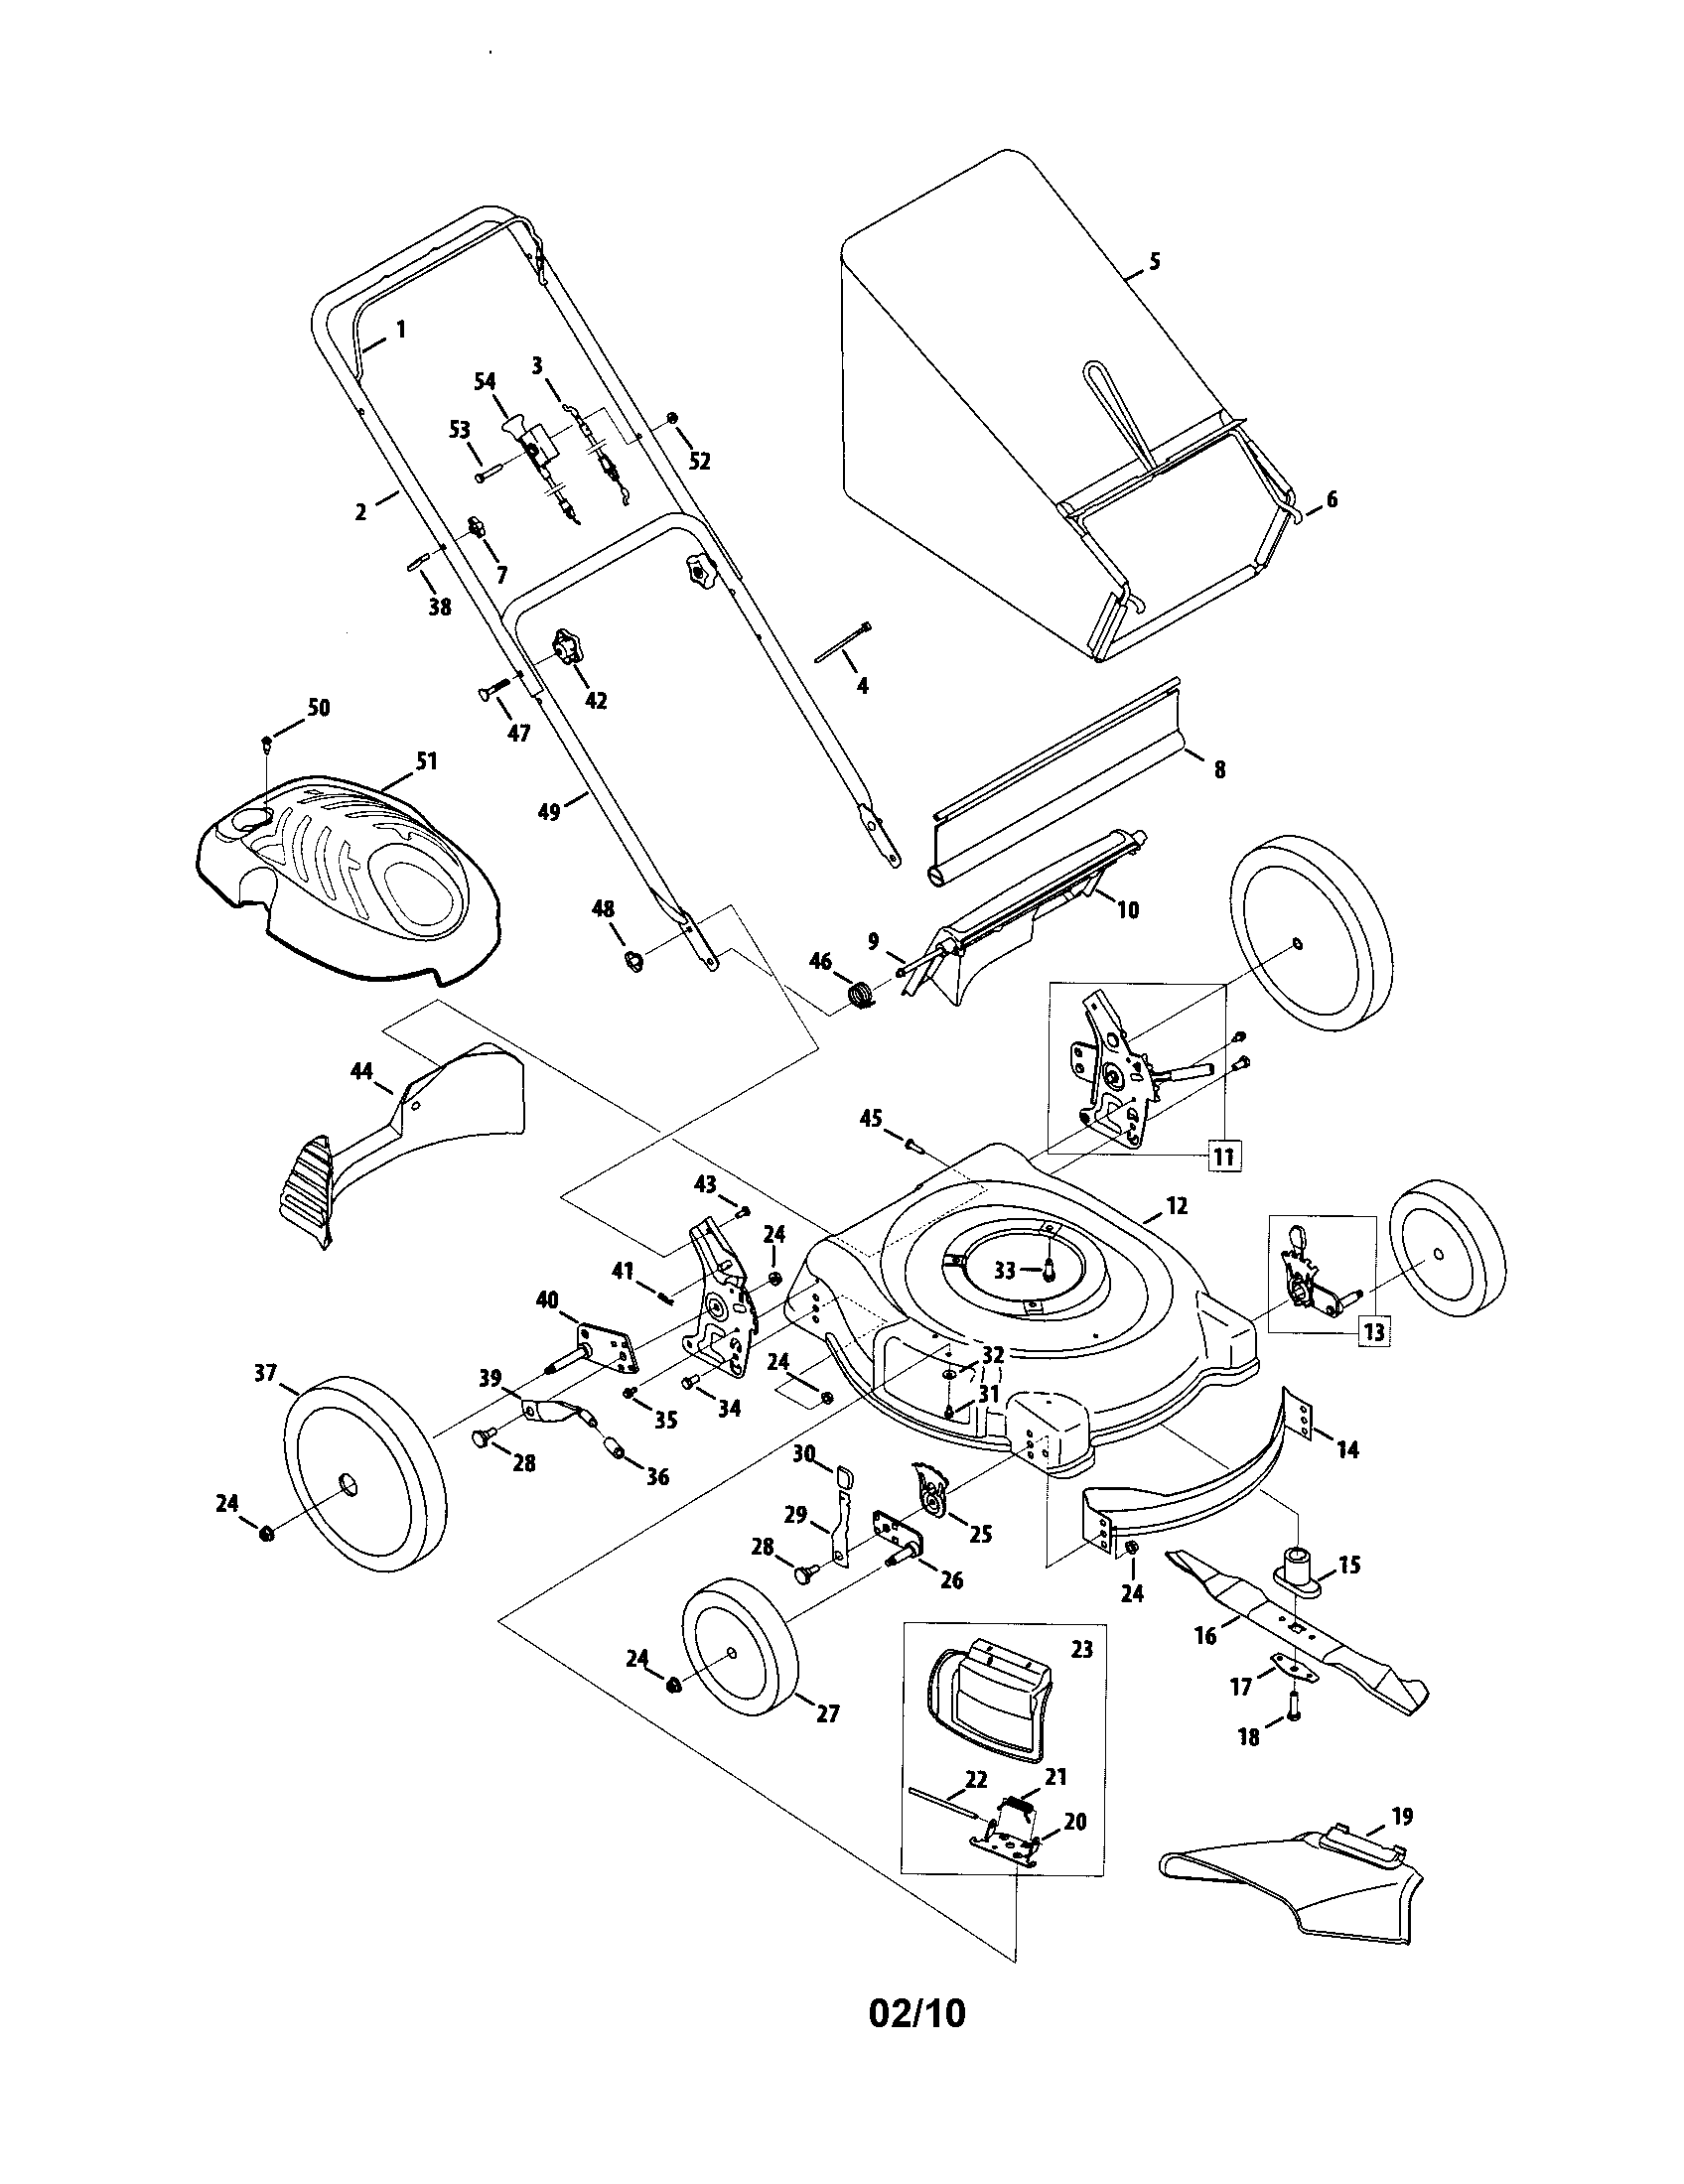 yardman lawn mower repair manual